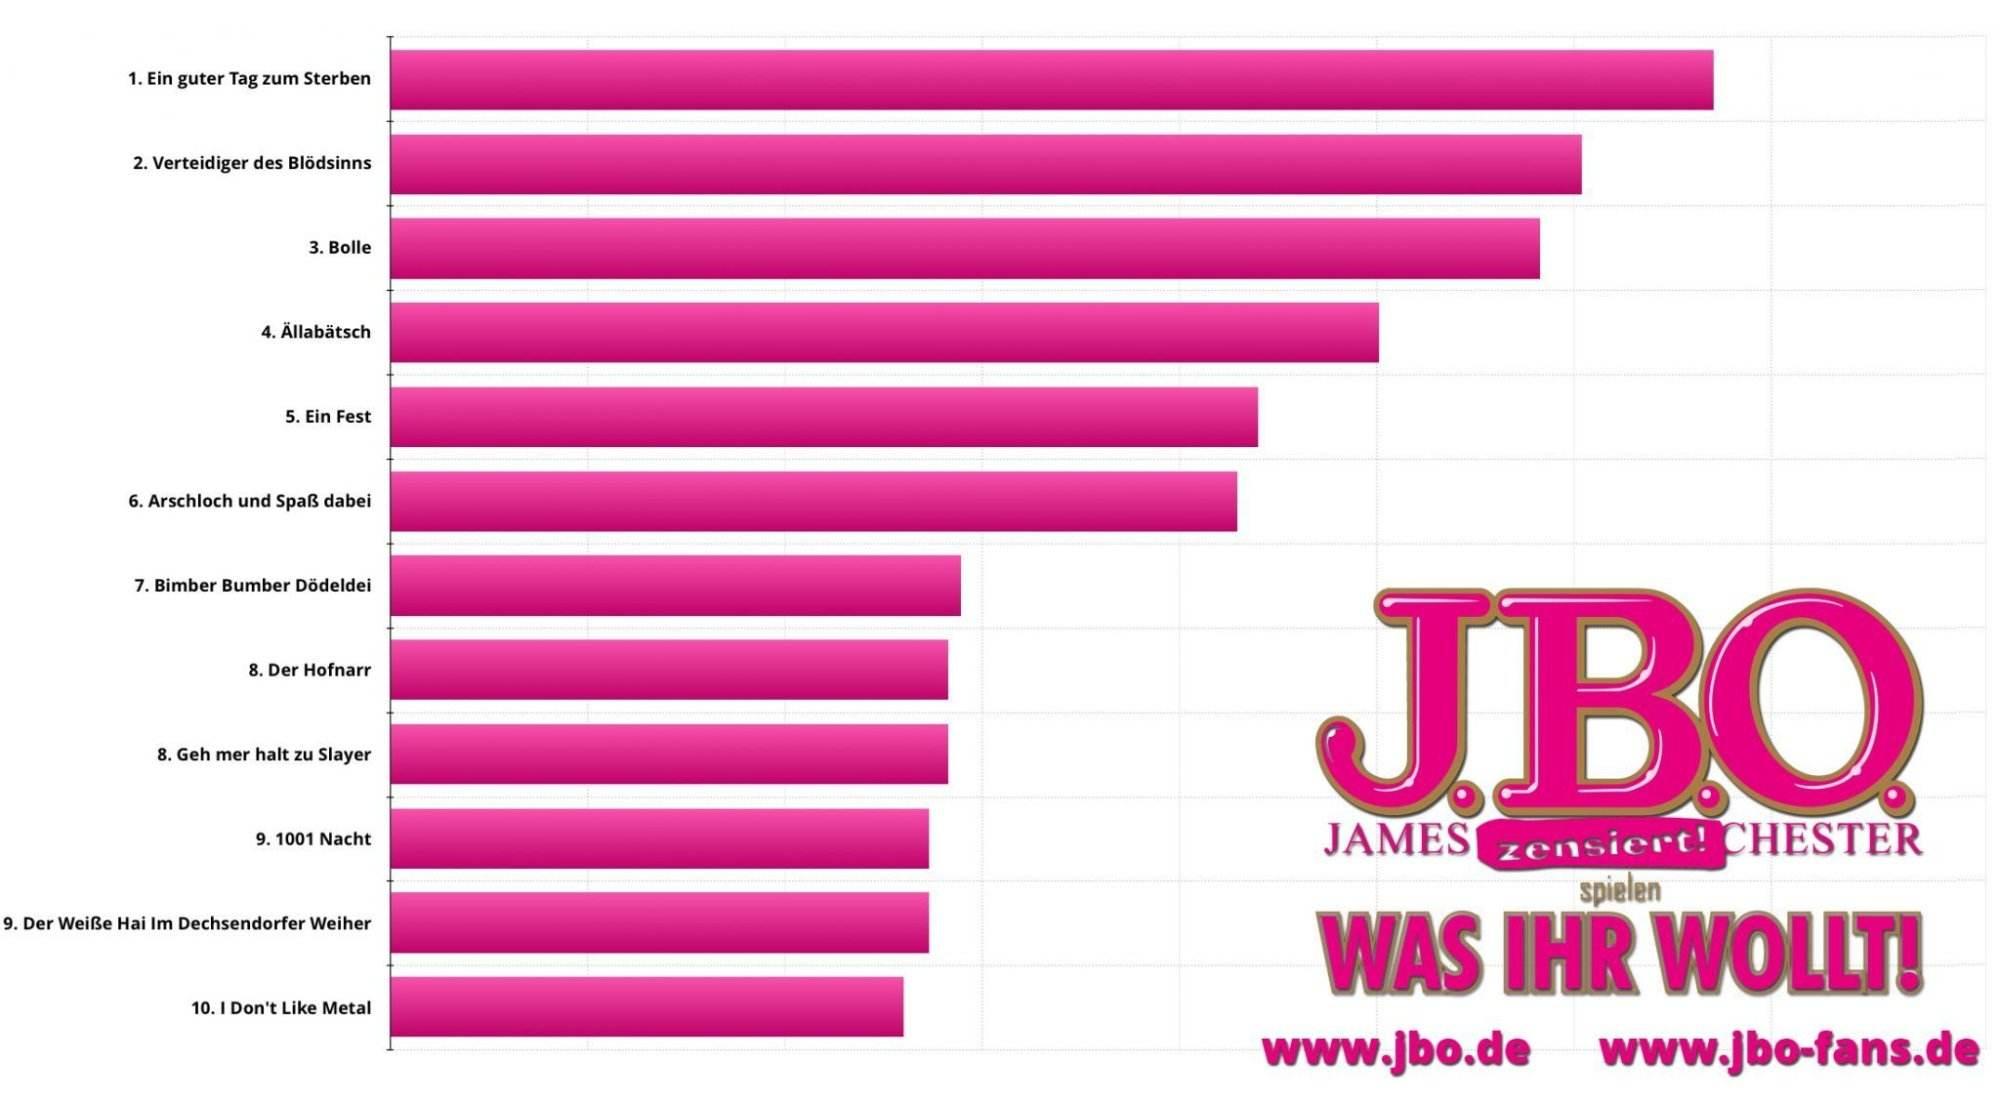 Ihr habt gewählt: Diese 12 Songs sind die Top 10 der beliebtesten J.B.O. Songs